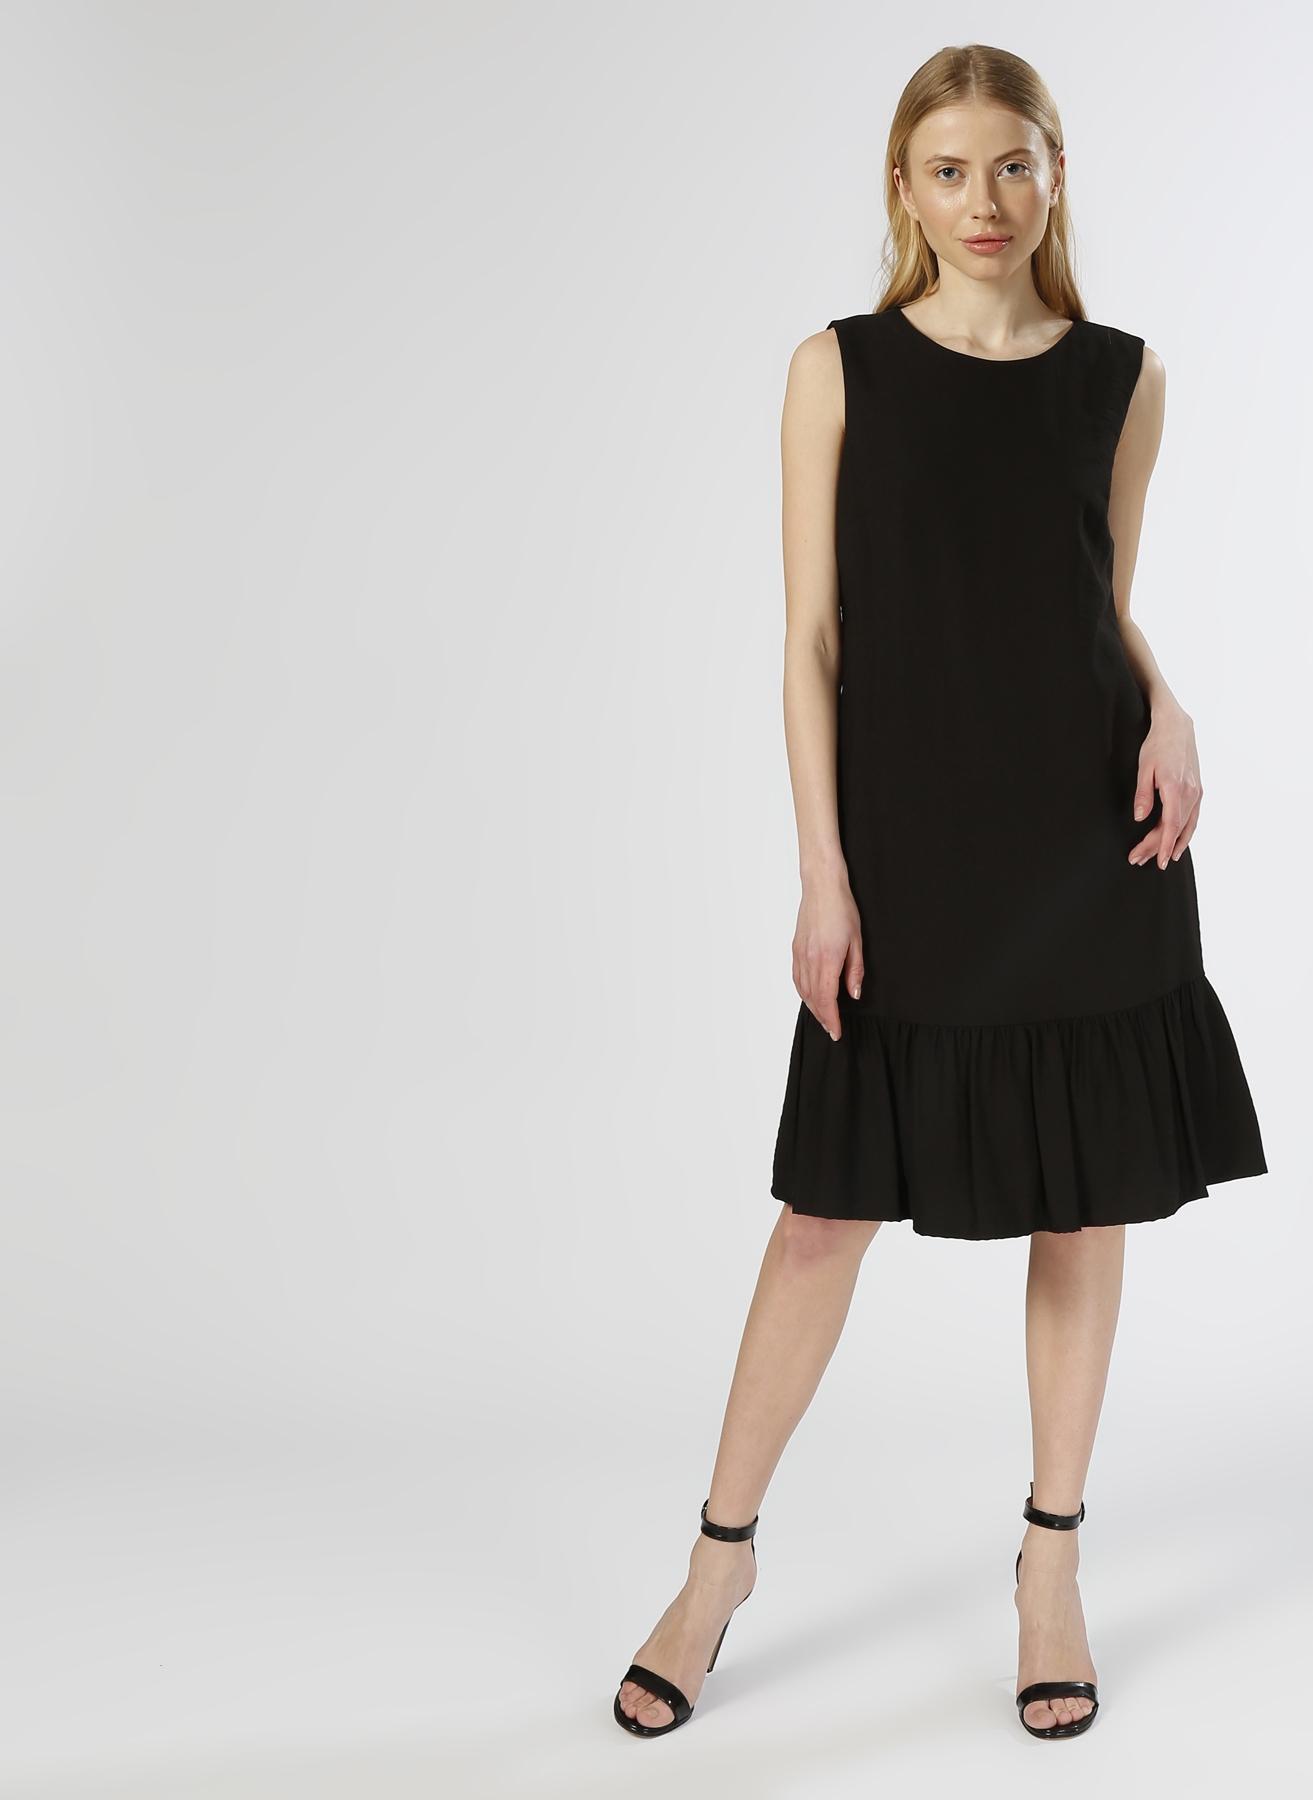 b41b21838f129 Naramaxx Fırfırlı Elbise 36 5000221028001 - Glami.com.tr